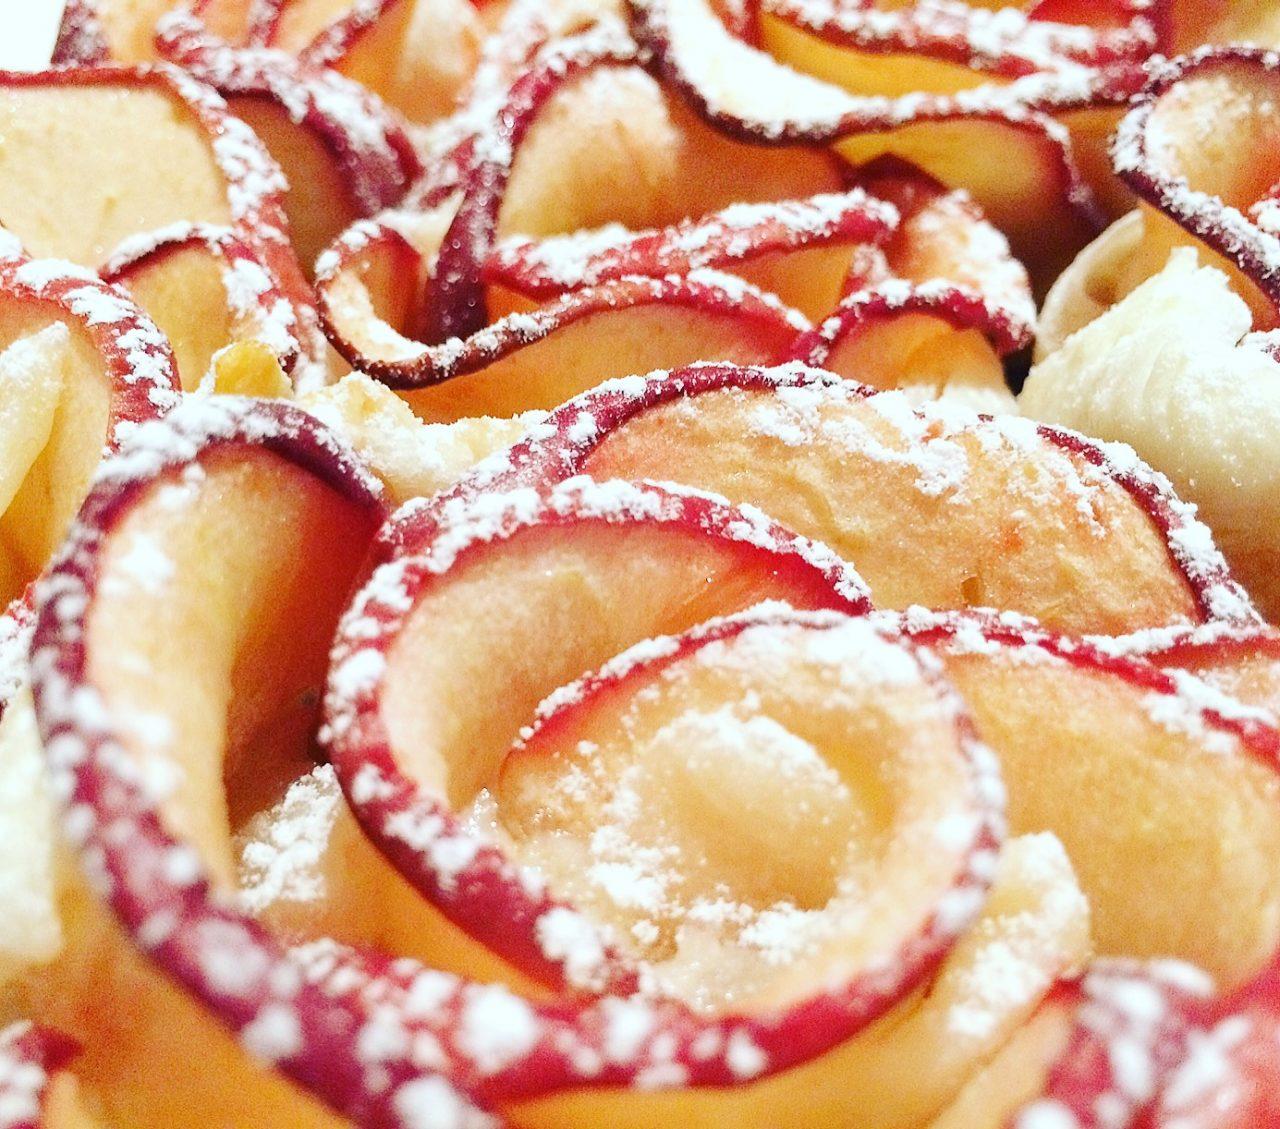 Rosemela in pasta sfoglia con zucchero a velo